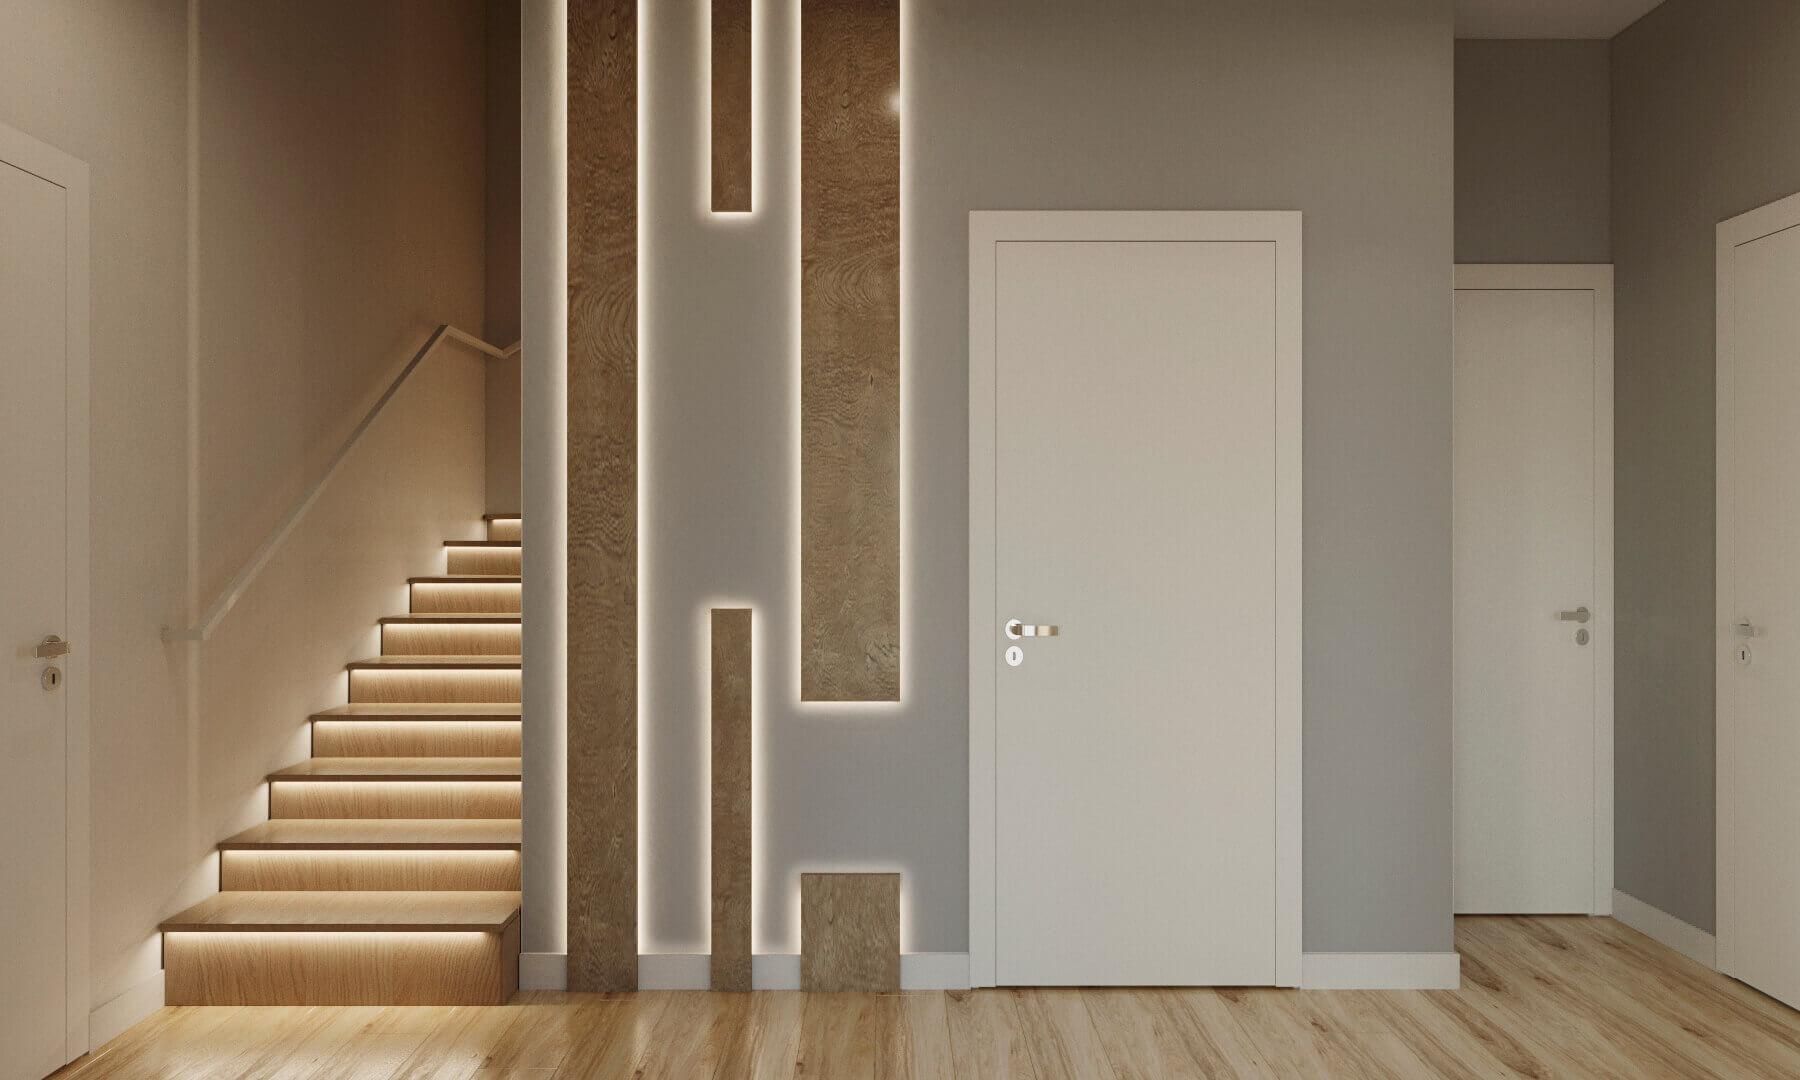 дизайн прихожей с лестницей проект Ginger